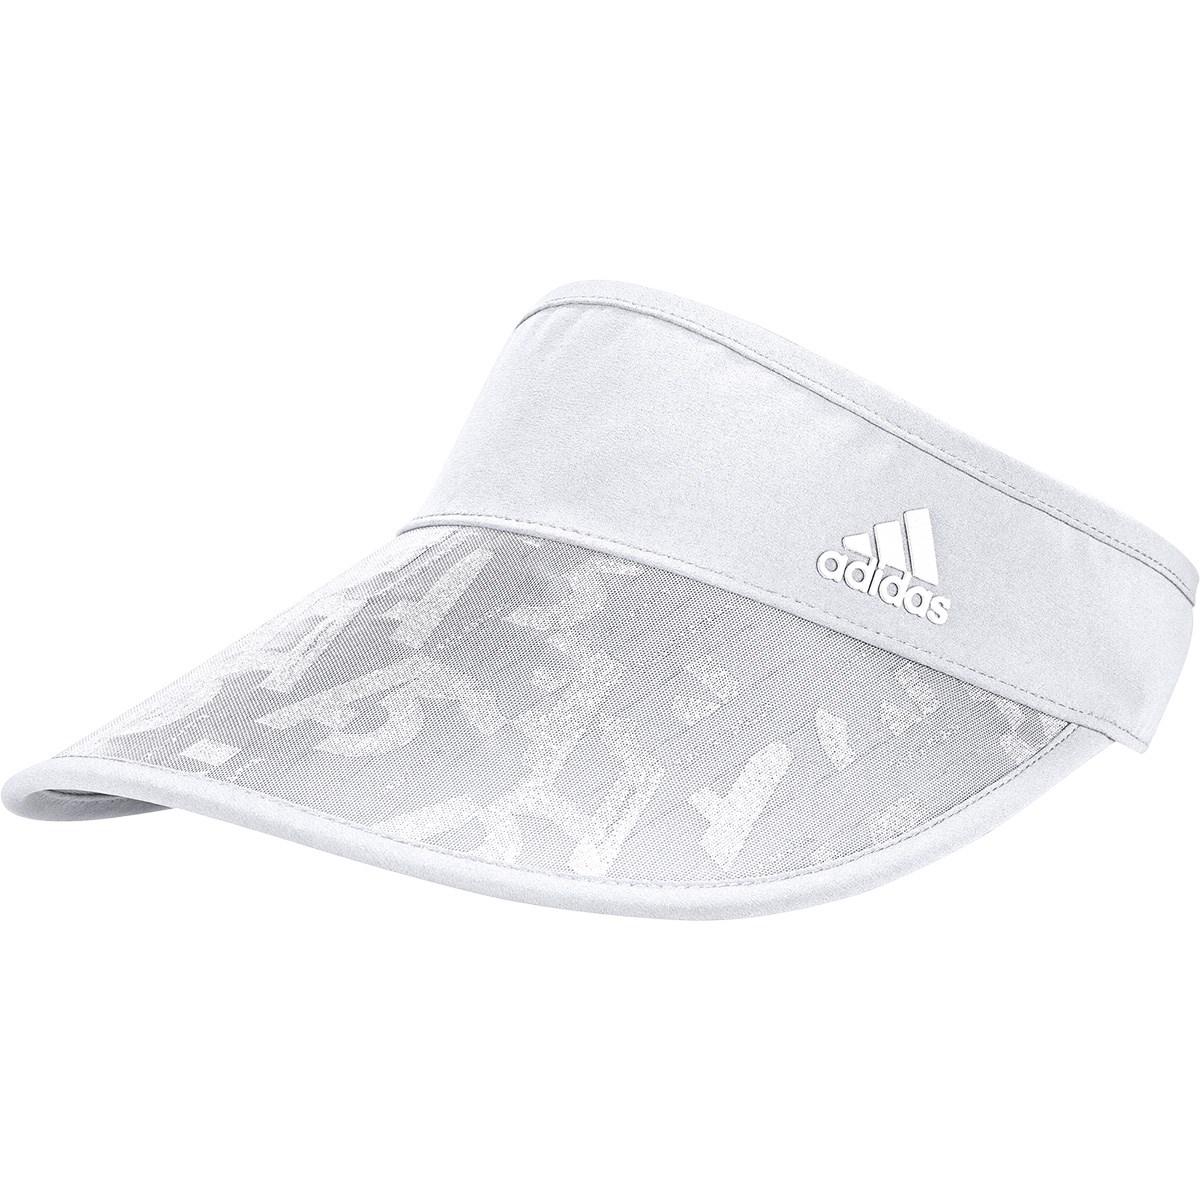 アディダス Adidas コンパクト UVサンバイザー OSFW ホワイト レディス